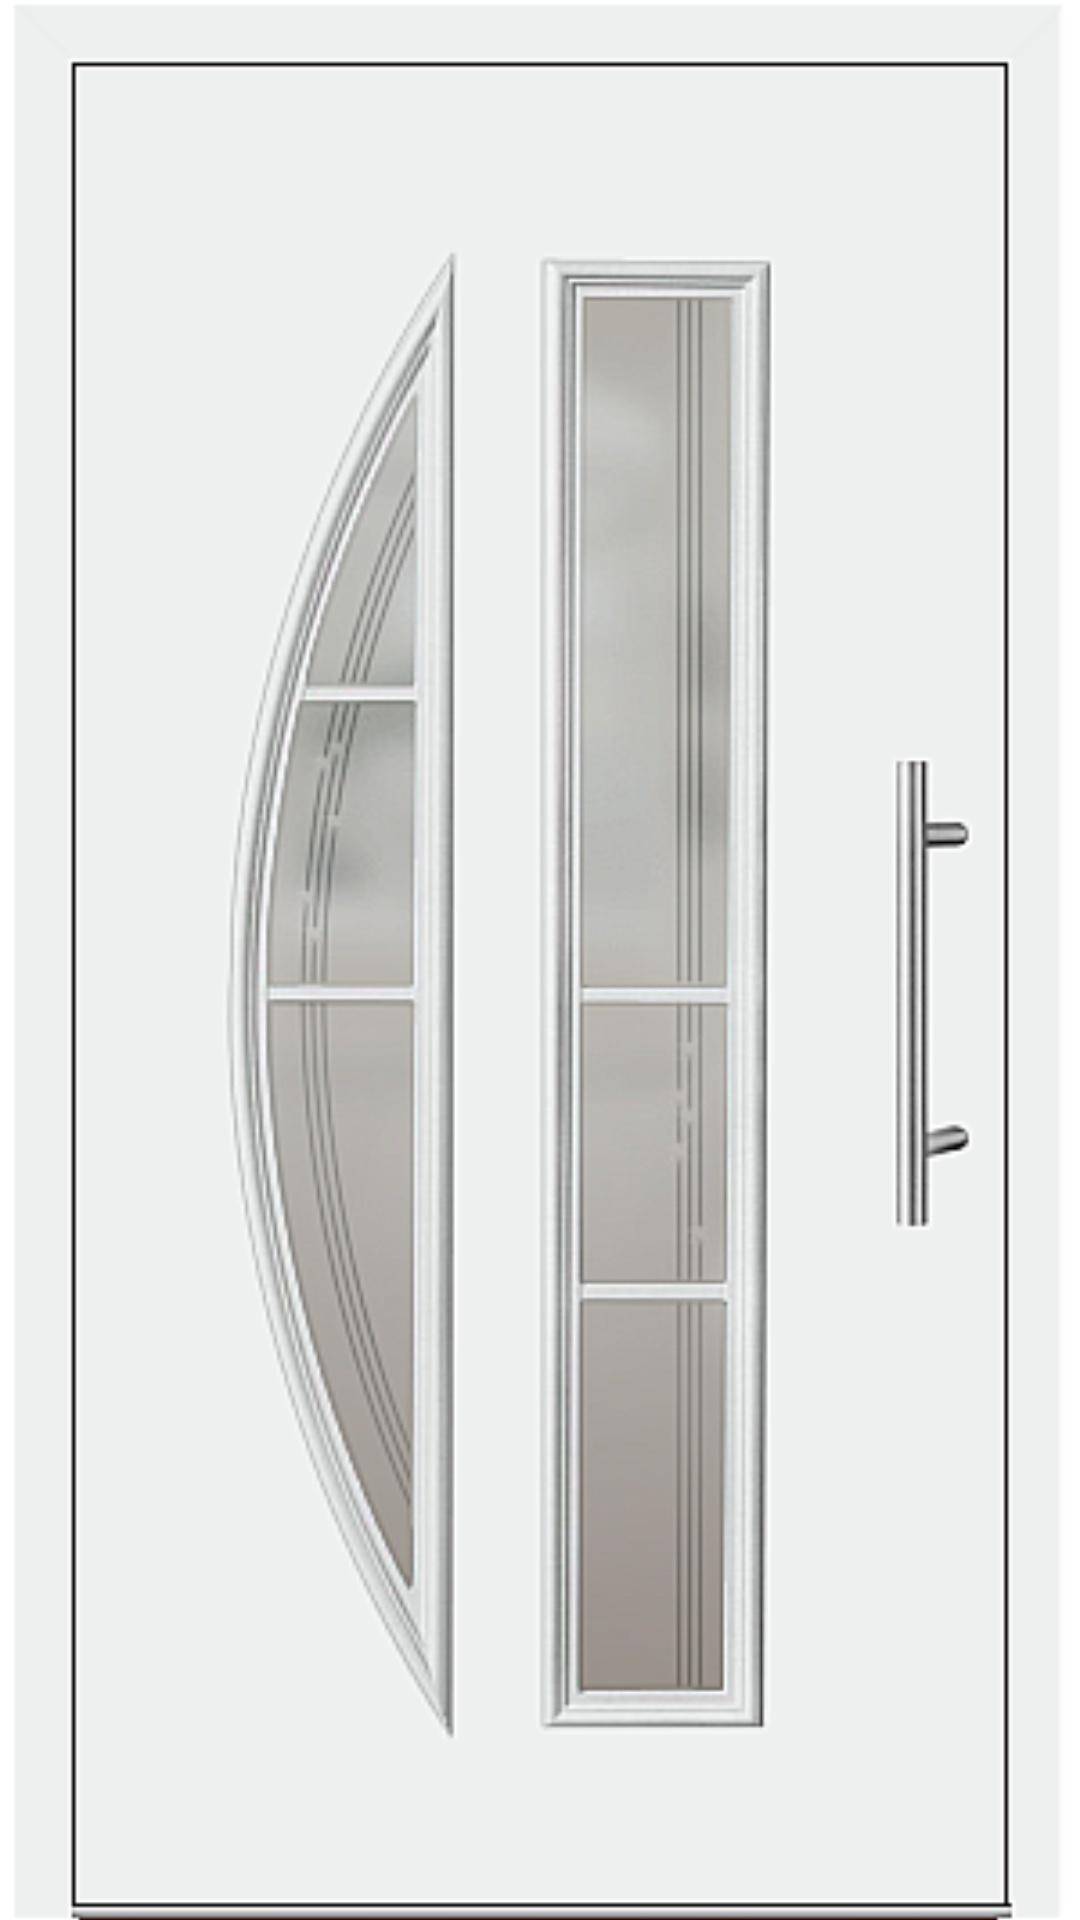 Kunststoff Haustür Modell 6525-65 weiß